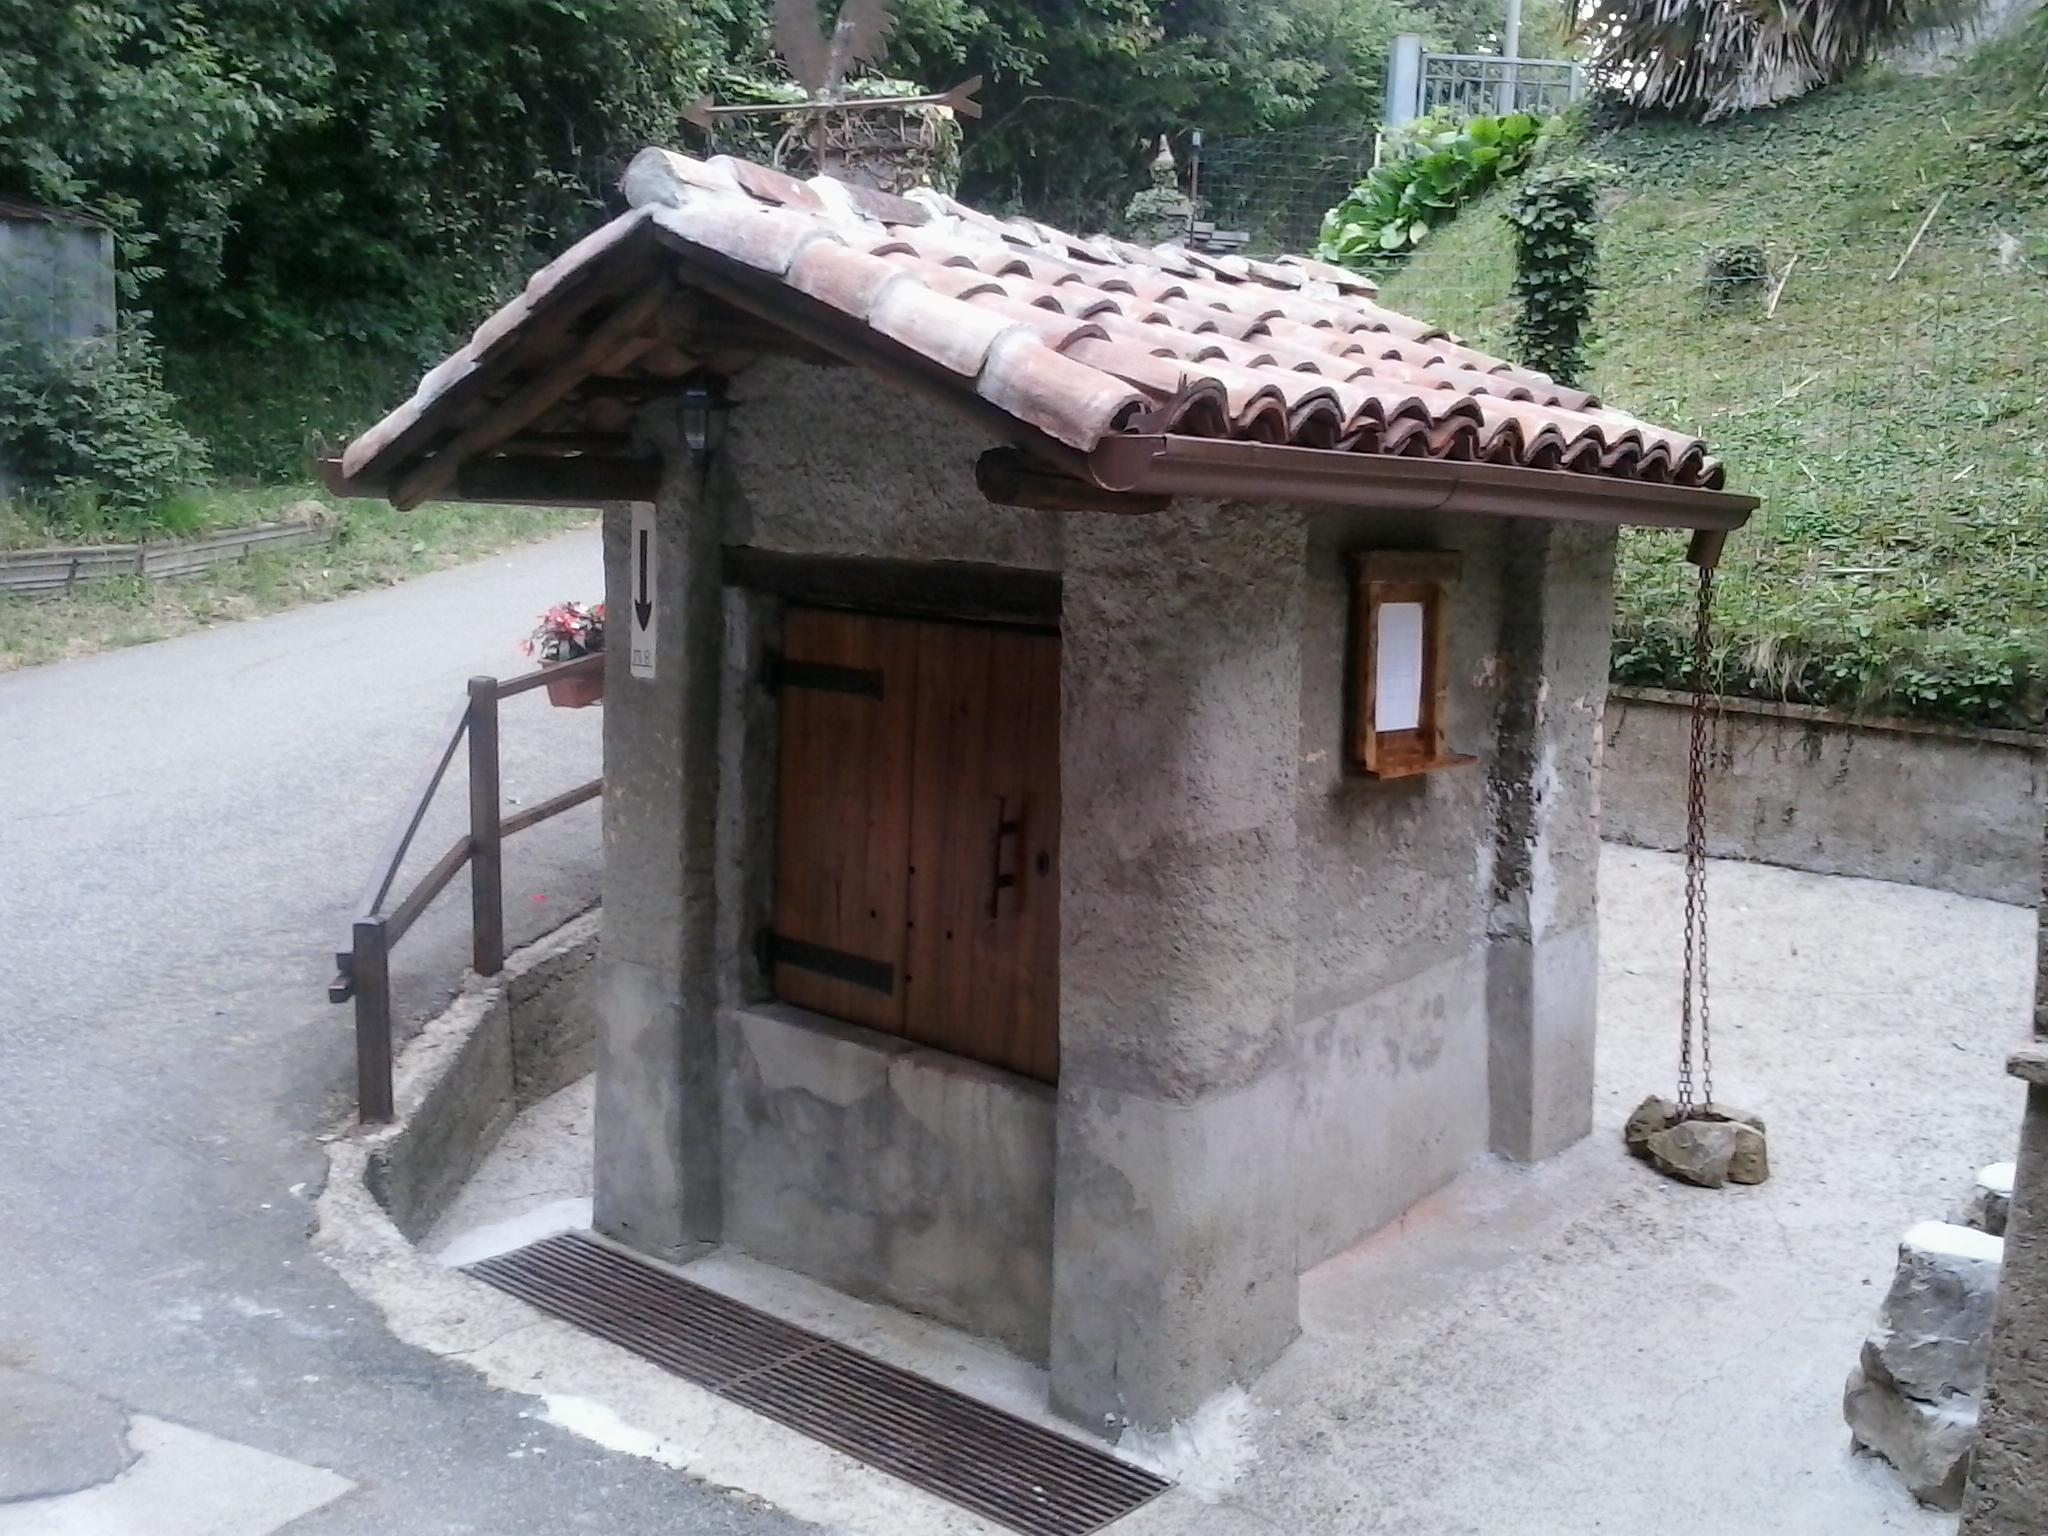 http://www.energialternativa.info/public/newforum/ForumEA/U/20120712_184351.jpg